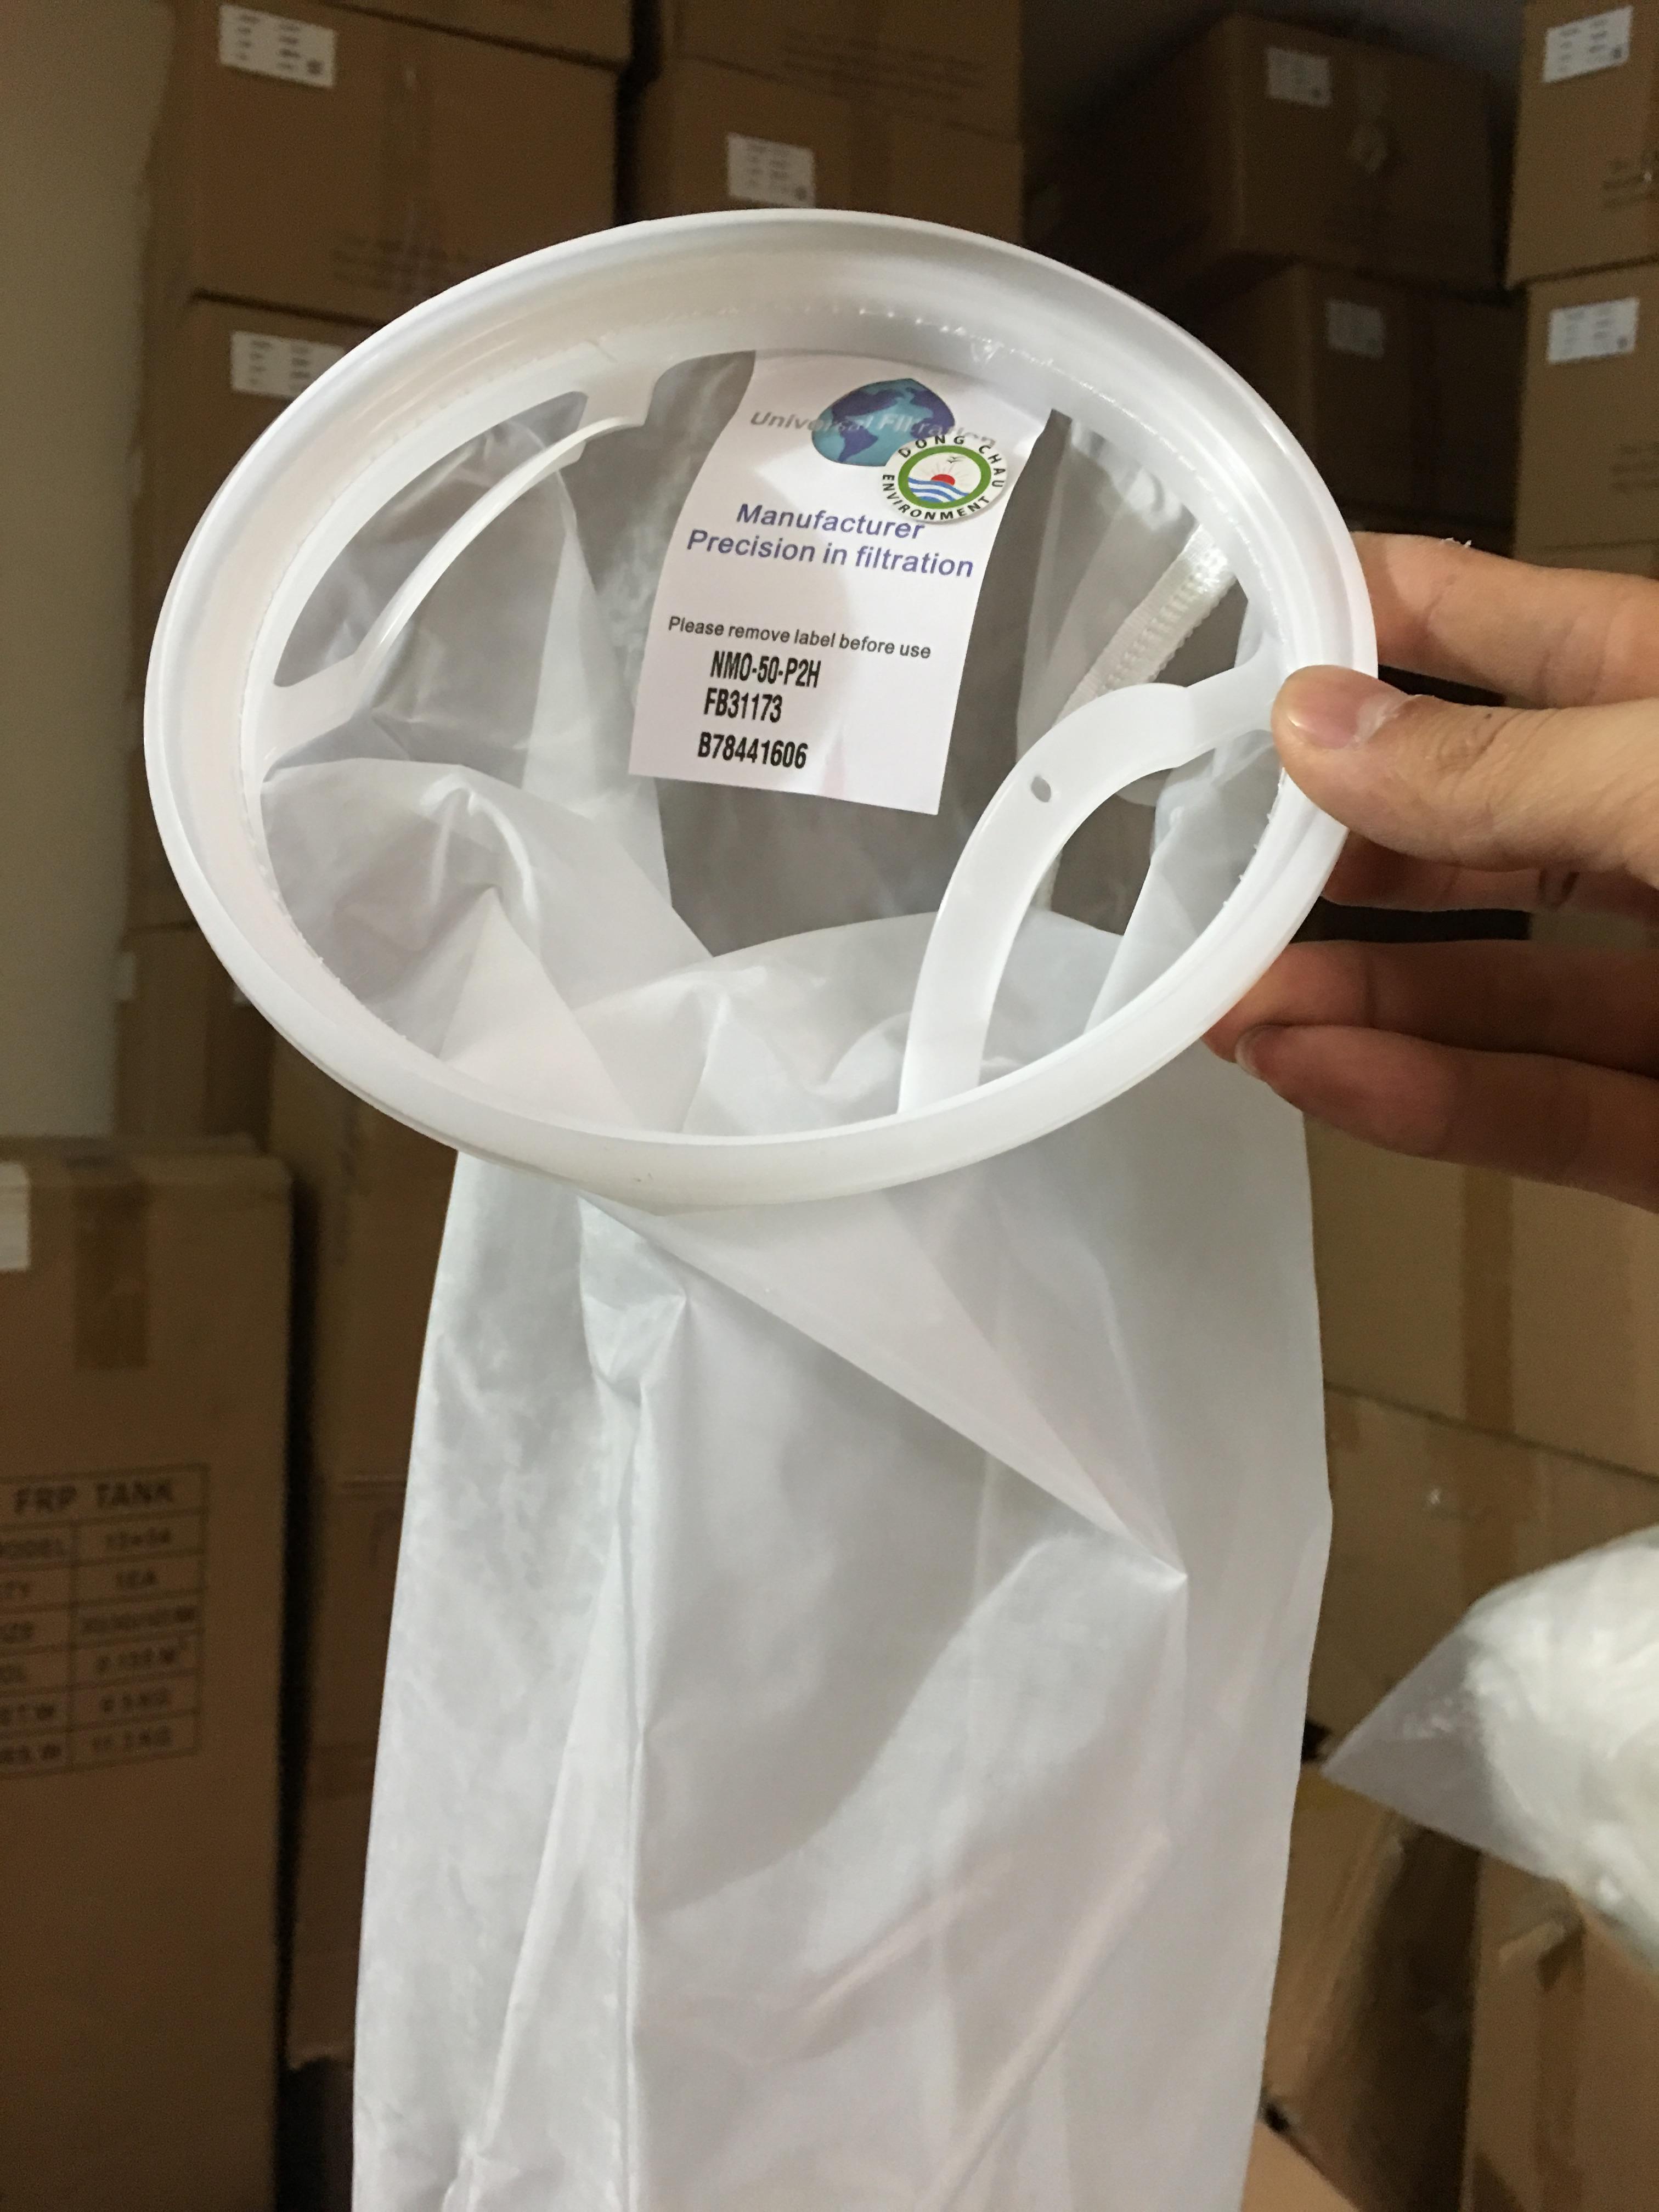 Túi lọc NMO 50 micron size 2